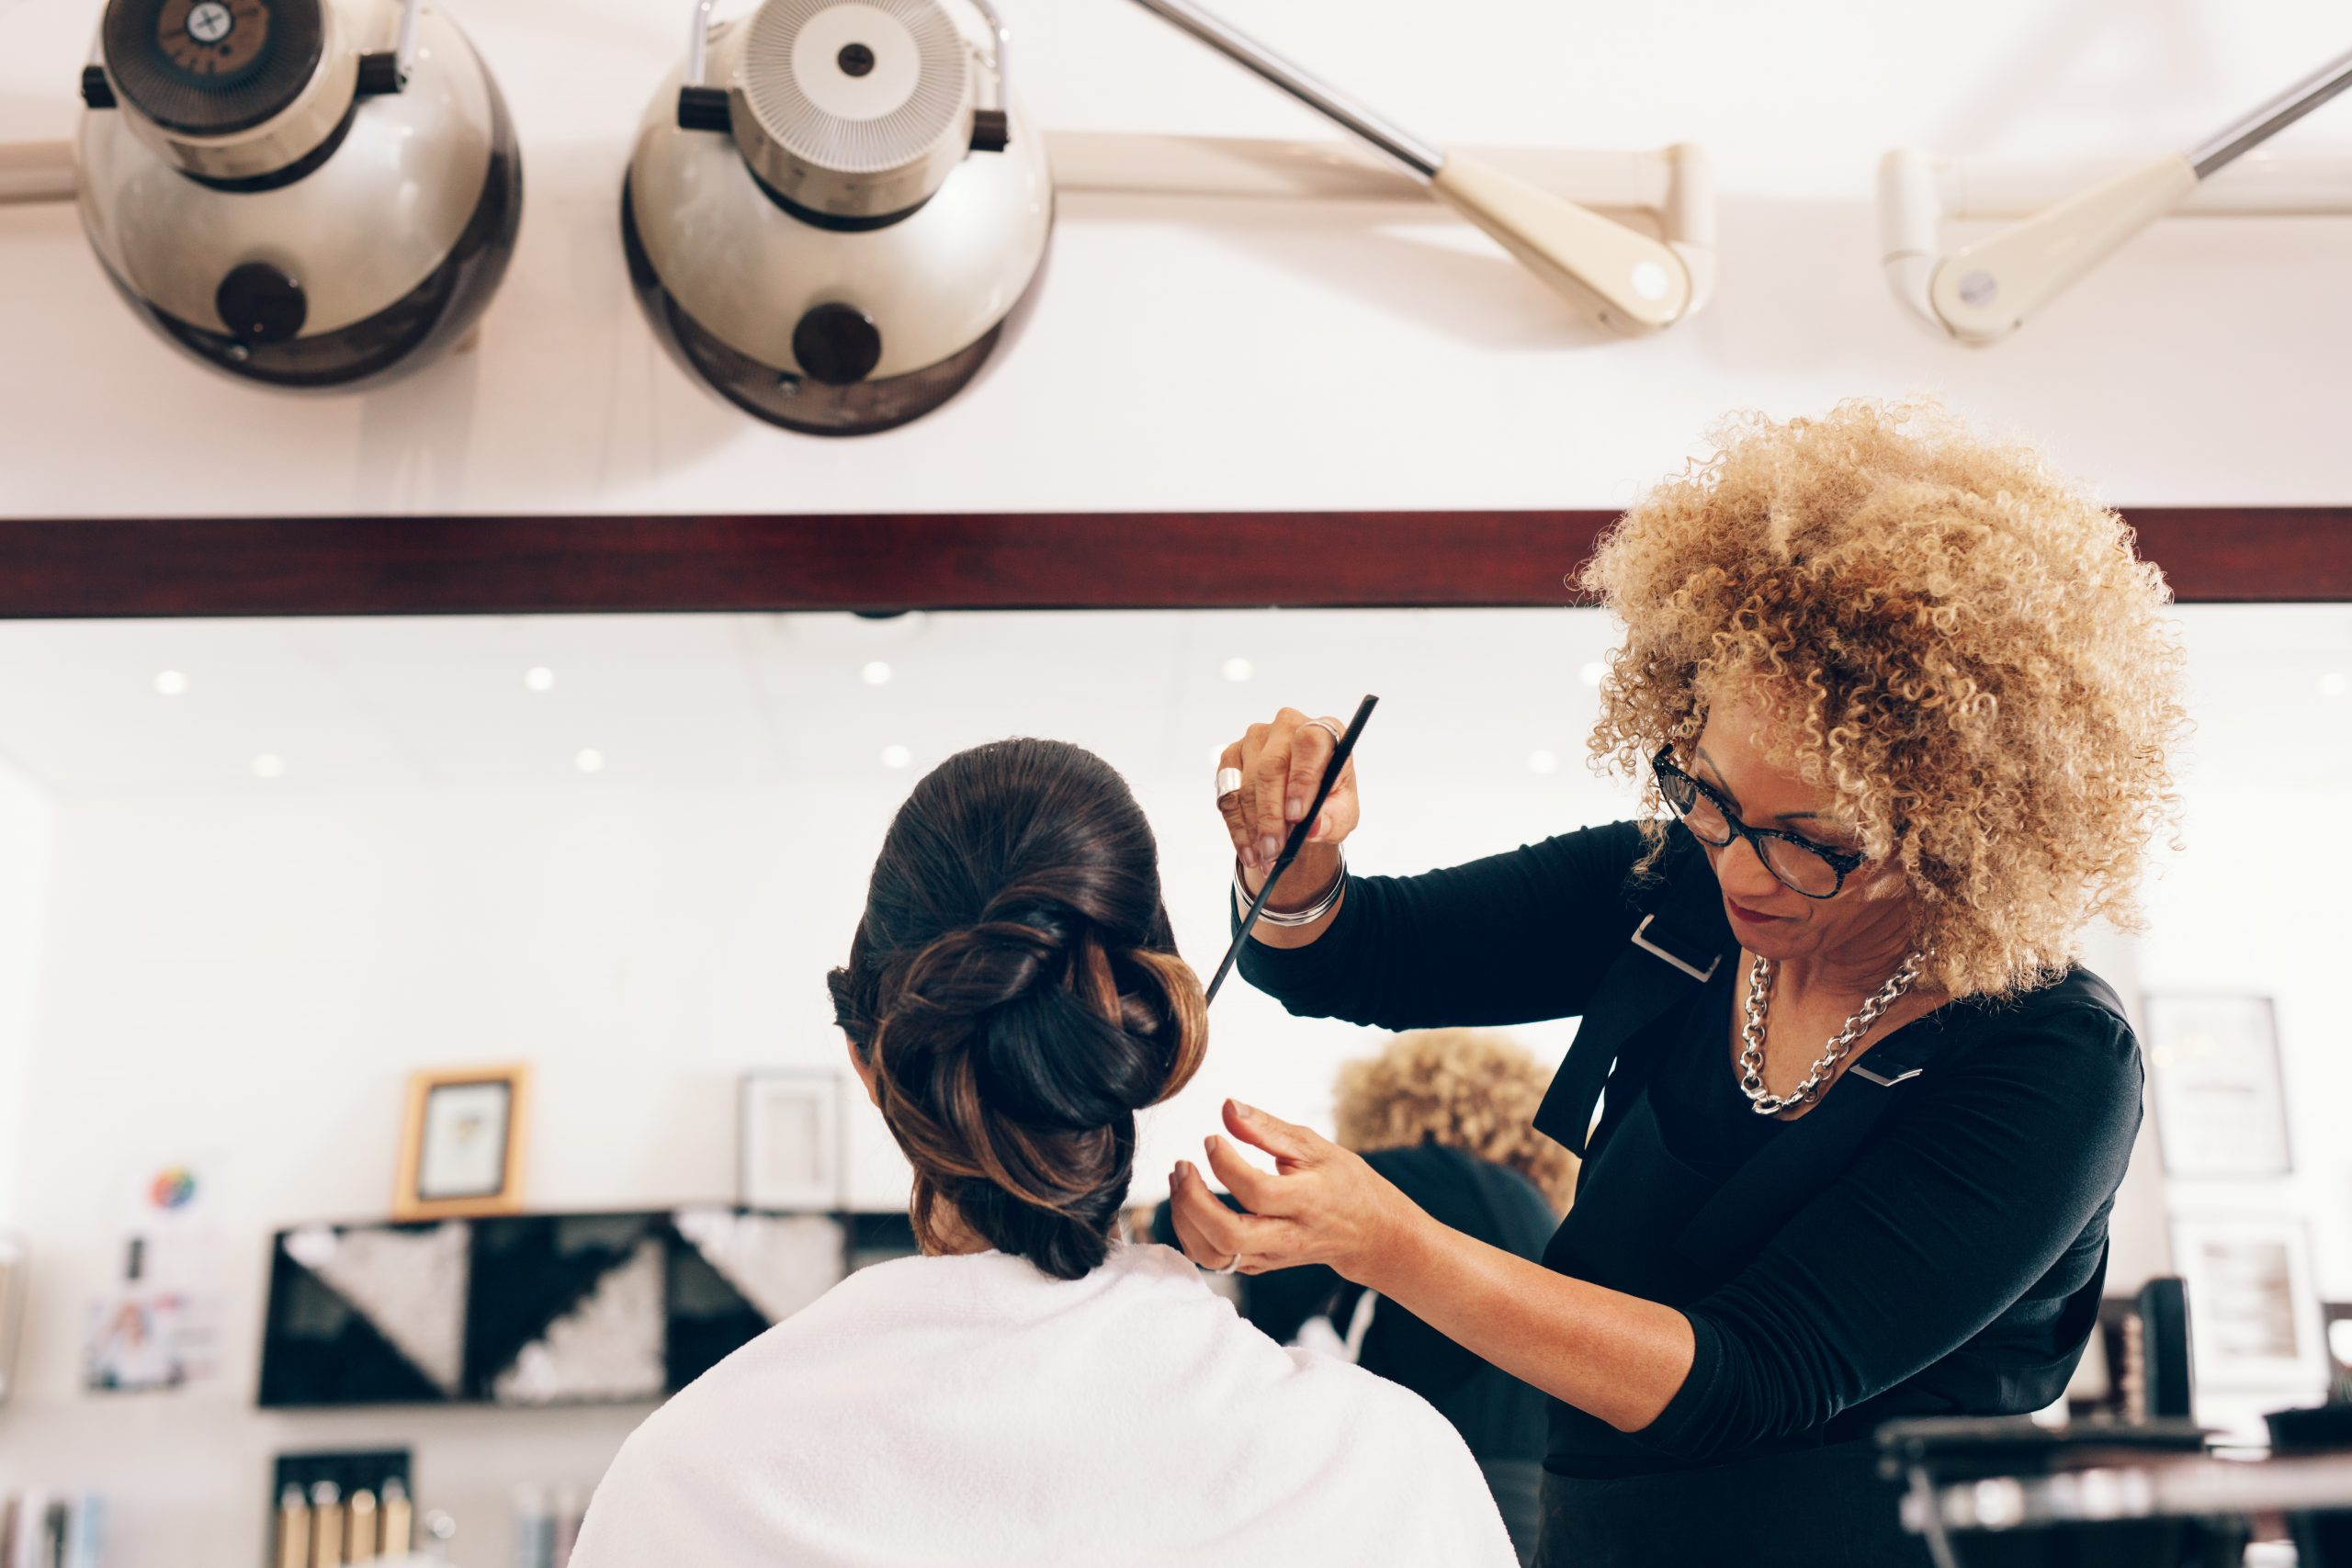 Un coiffeur professionnel coiffant les cheveux d'un client au salon. Coiffeuse styliste mettant les cheveux dans un design à la mode.